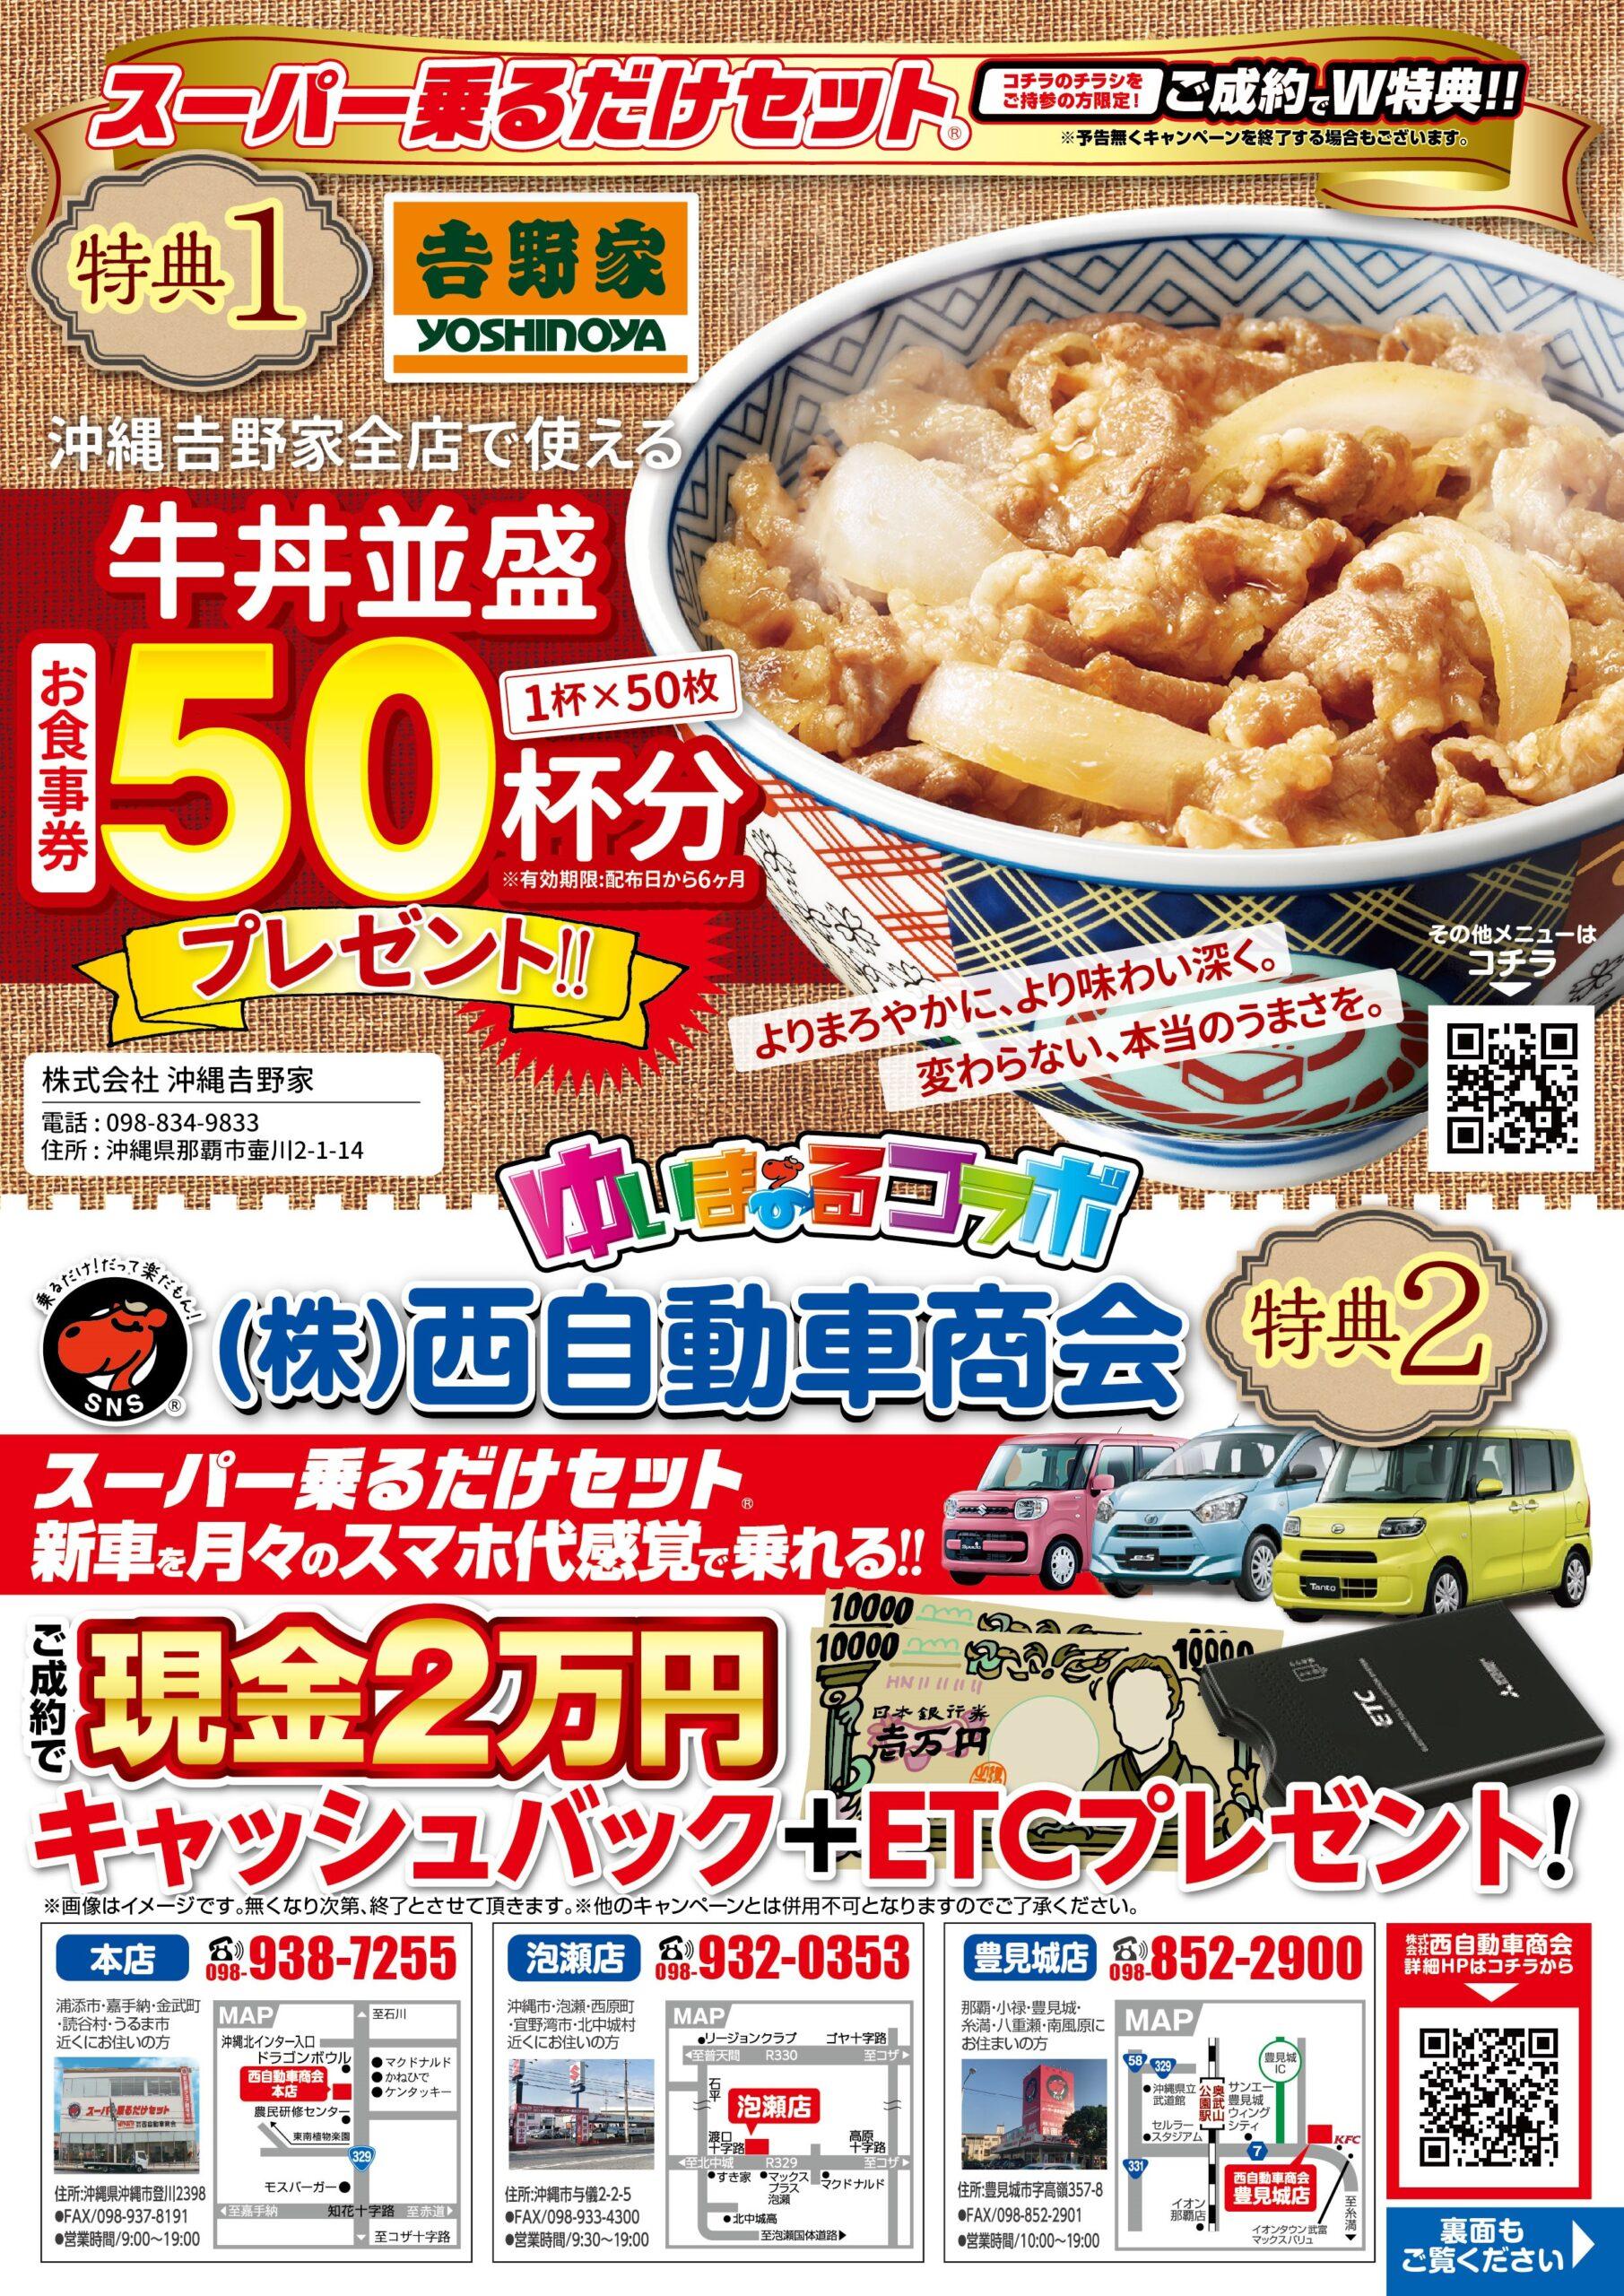 吉野家×スーパー乗るだけセット W特典成約キャンペーン